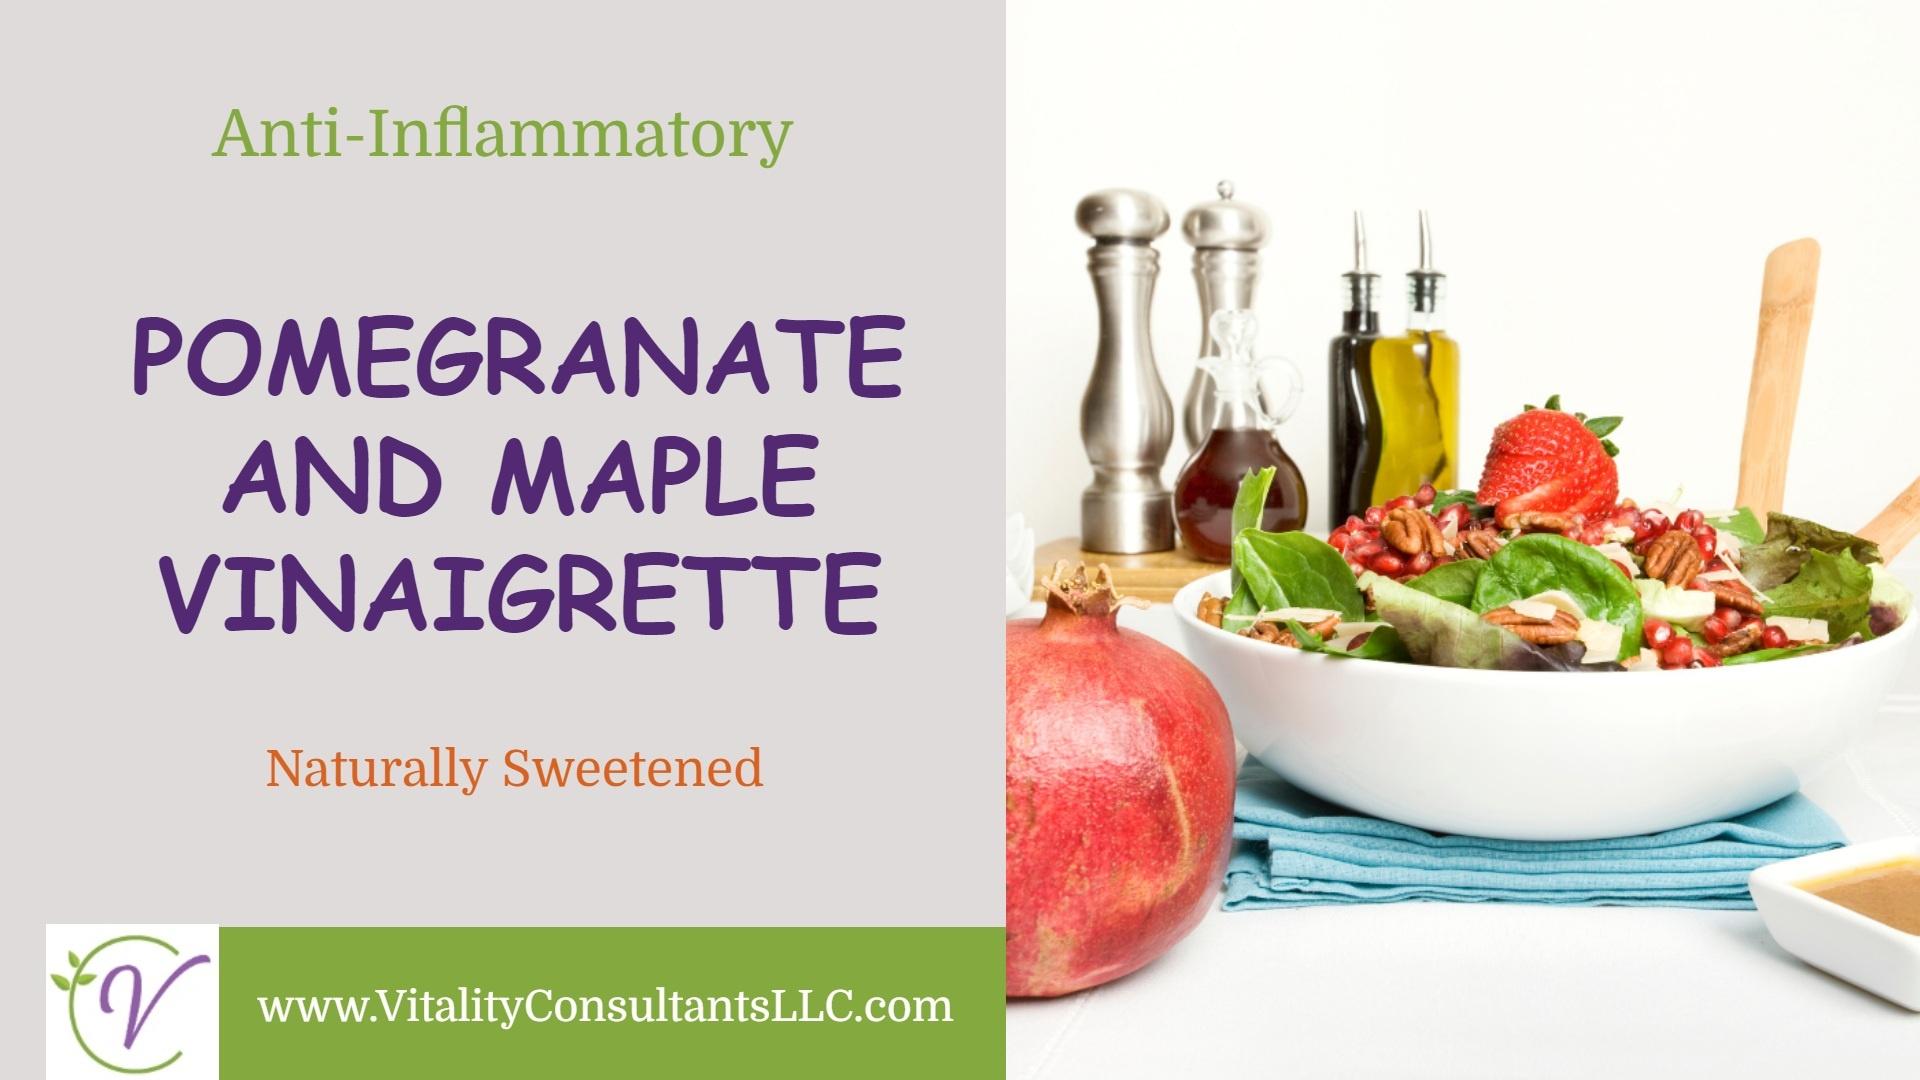 Pomegranate and Maple Vinaigrette